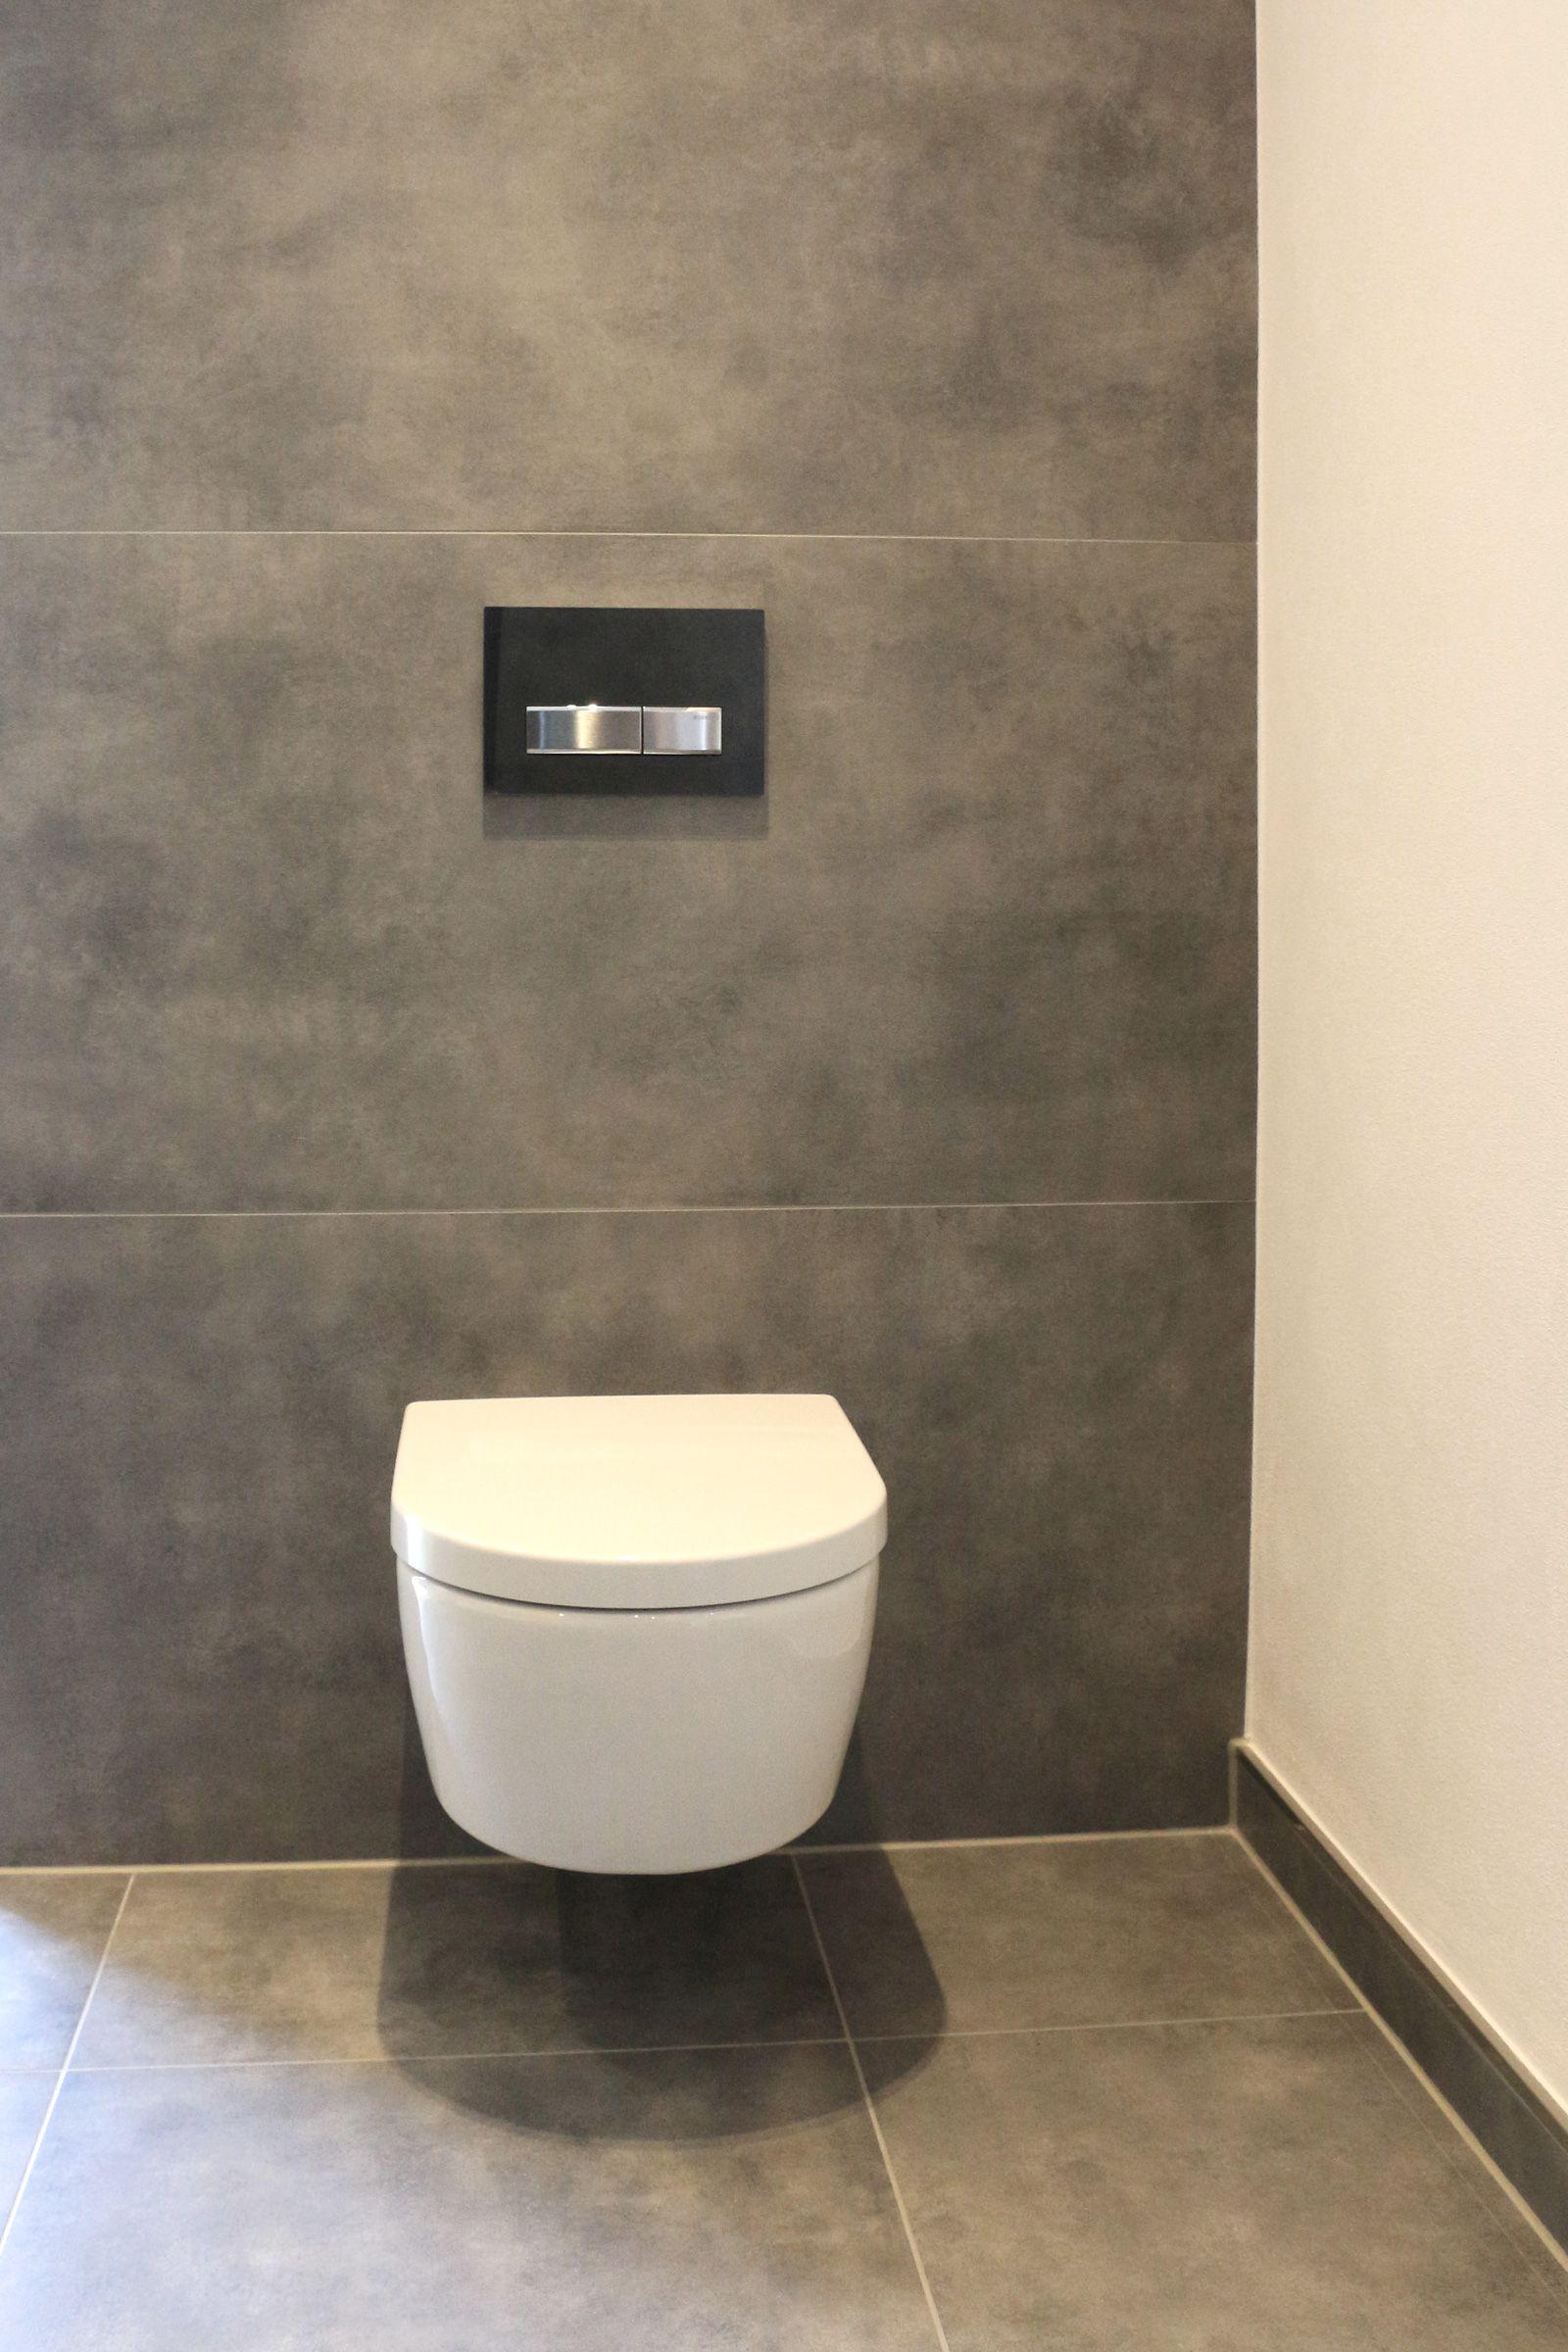 Betonoptik Klassisch Modern Fliesen Tiles Tegel Badezimmer Bathroom Badkamer Toilette Druckerplatte Wc Gas Mit Bildern Betonoptik Badezimmer Grundriss Wc Fliesen